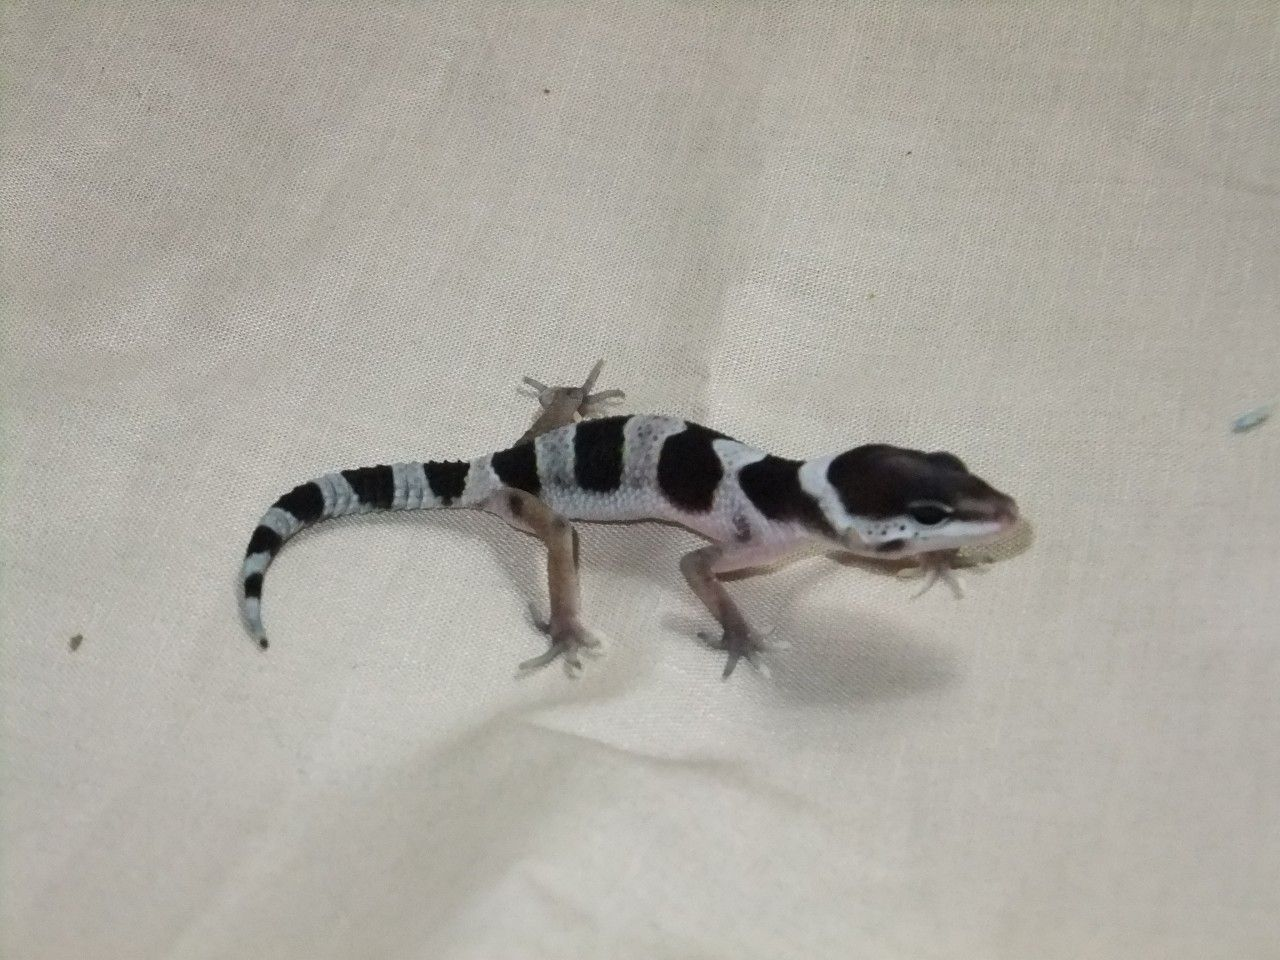 Mack Snow Hatchling   Leopard Gecko Morphs   Pinterest ...Leopard Gecko Hatchling